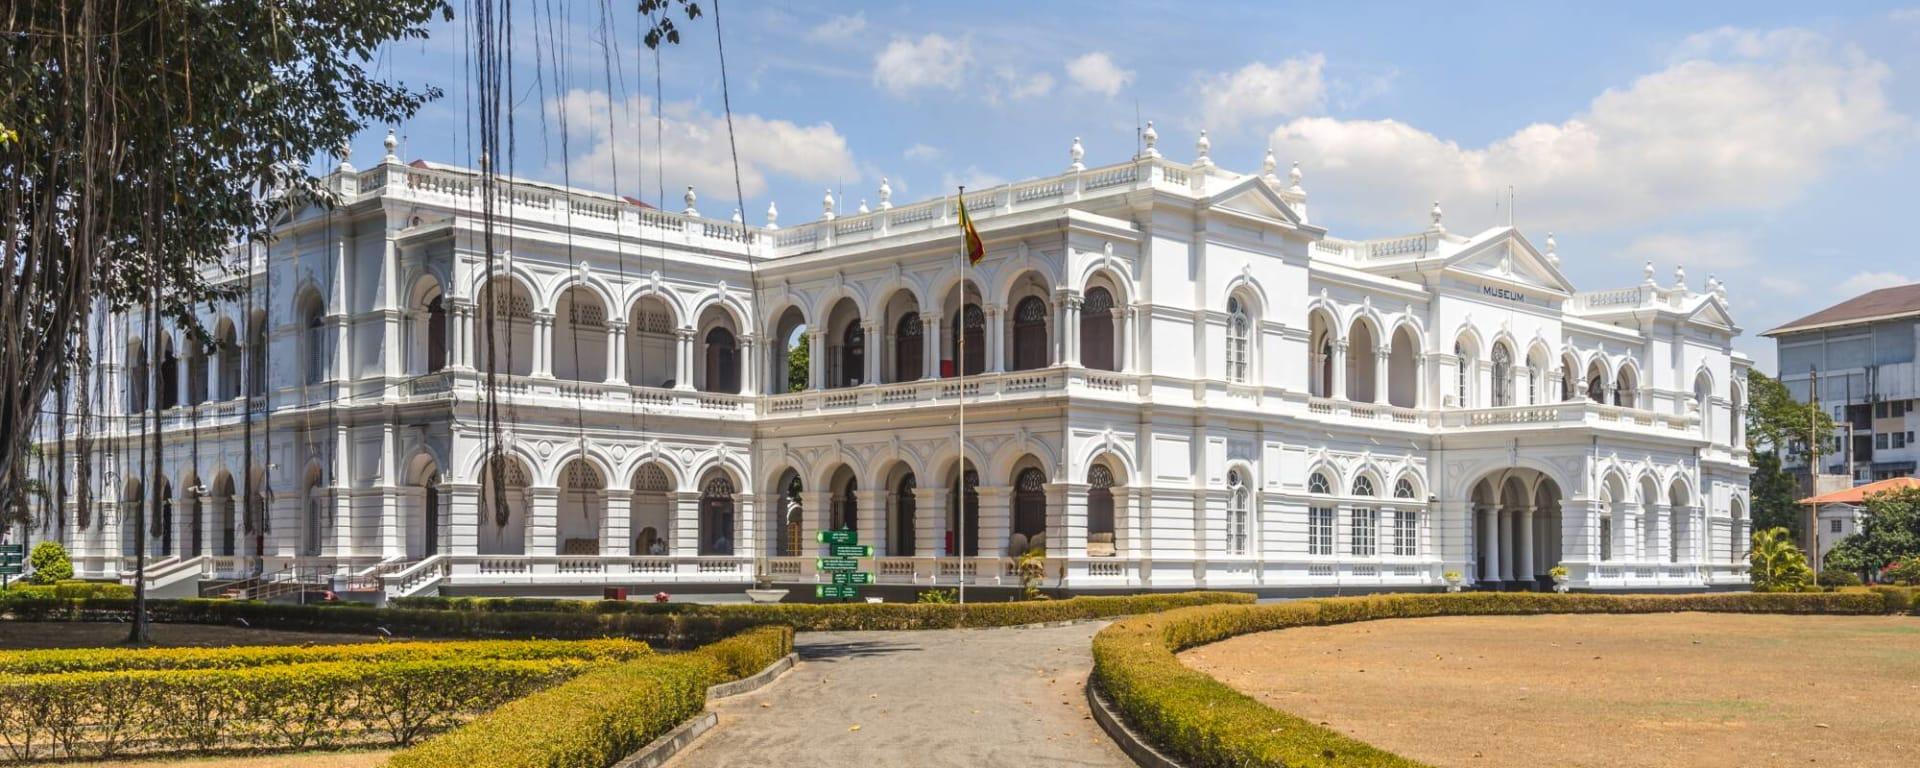 Sri Lanka entdecken mit Tischler Reisen: Sri Lanka Colombo National Museum